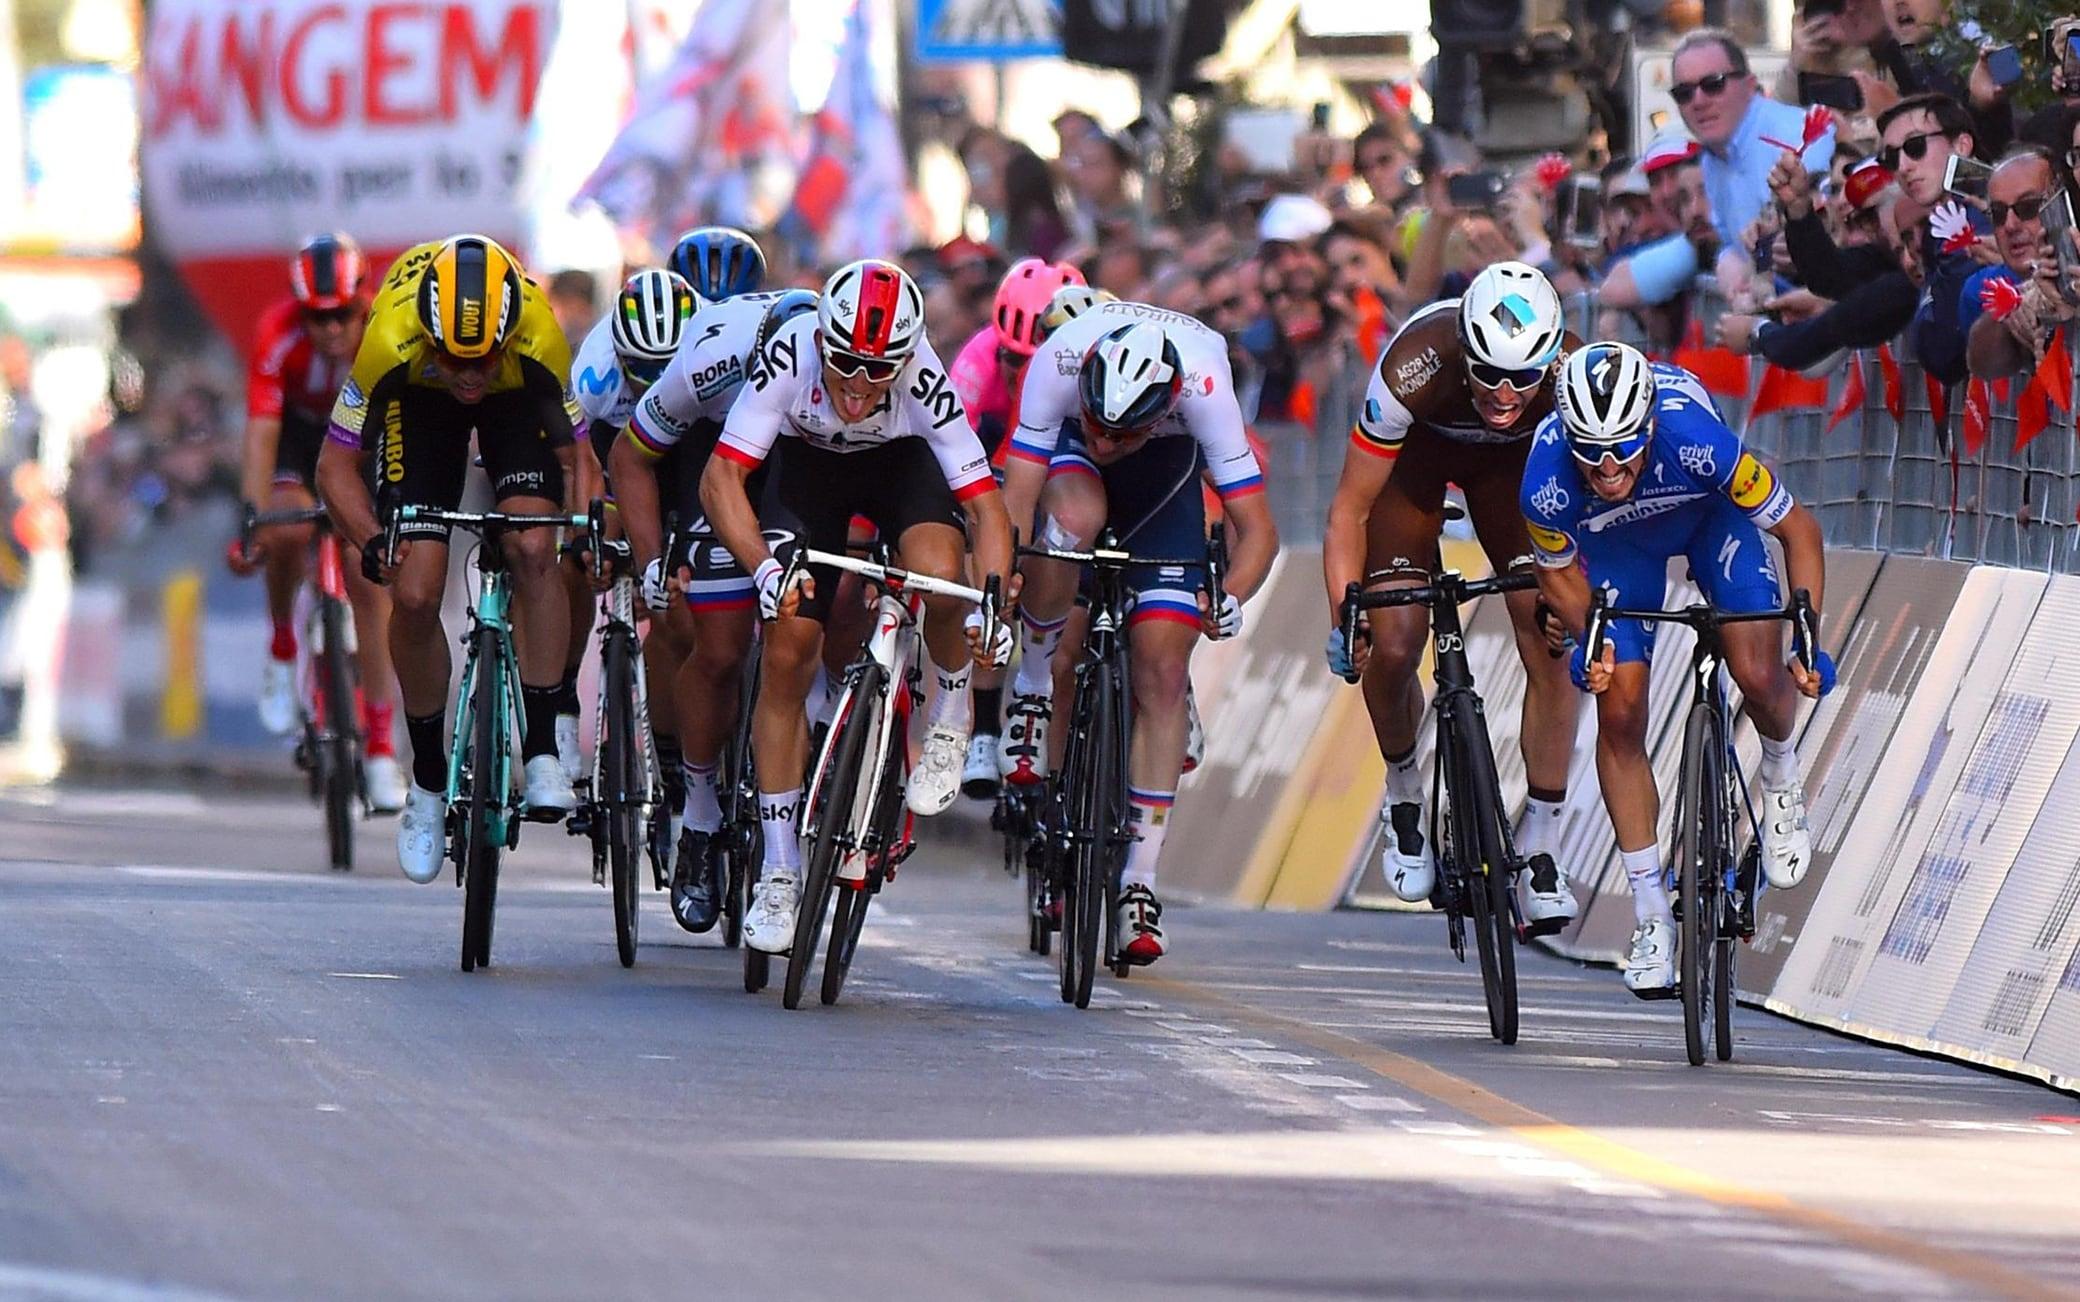 Ciclismo, il calendario Uci 2020 aggiornato. Milano Sanremo l'8